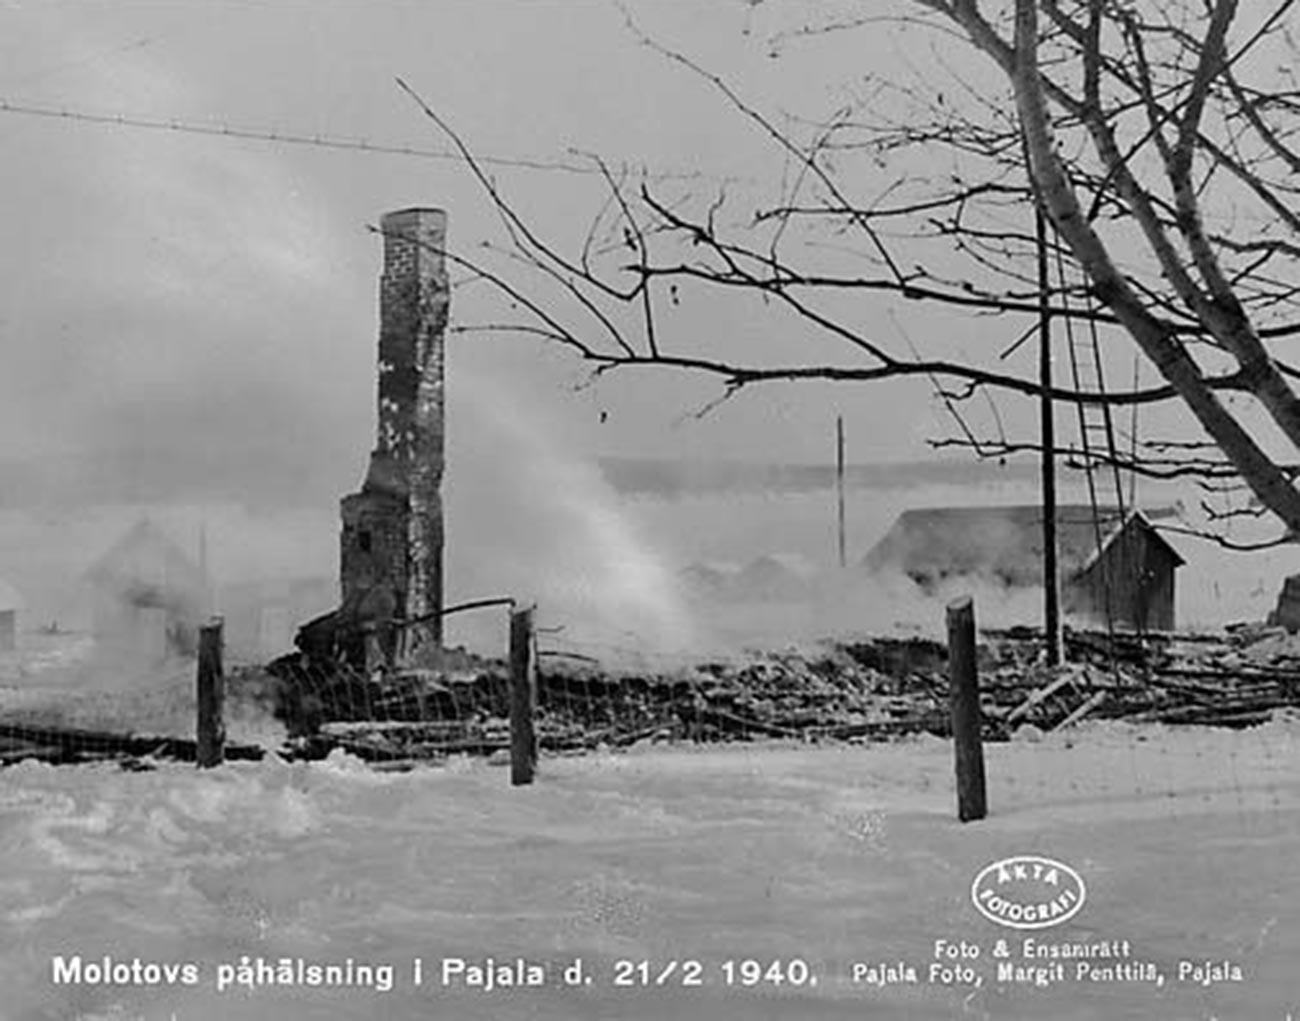 Совјетски авиони су 1940. године, за време Зимског рата, случајно бомбардовали Пајалу на северу Шведске, 21. фебруар 1940.